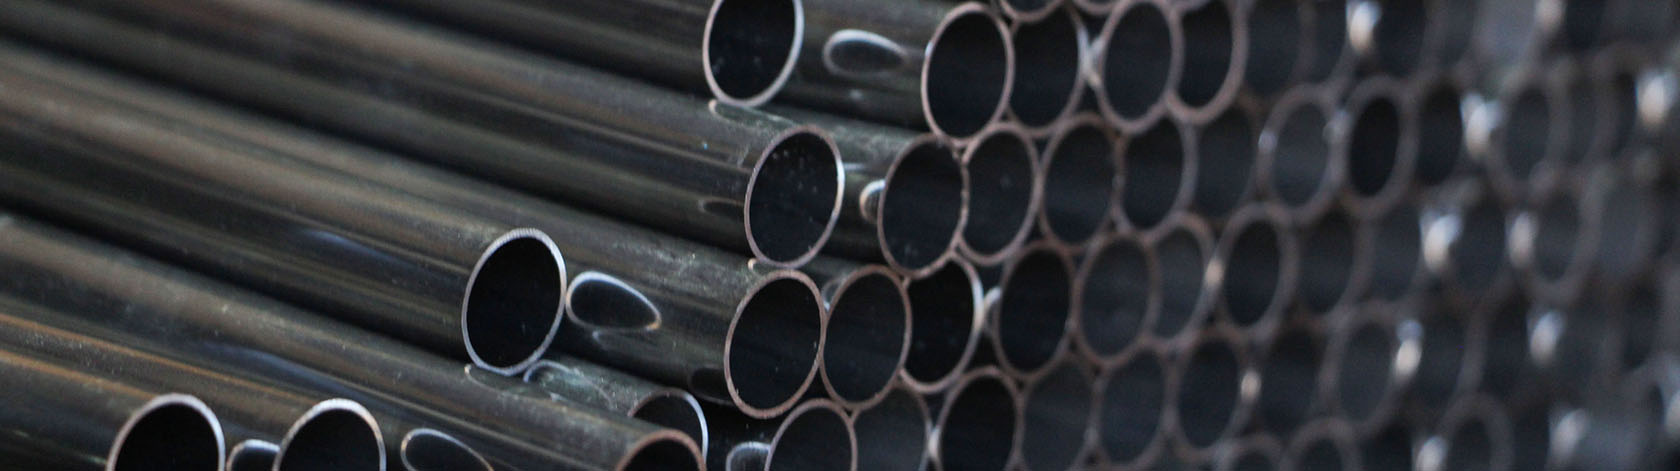 austenitics-stainless-steels